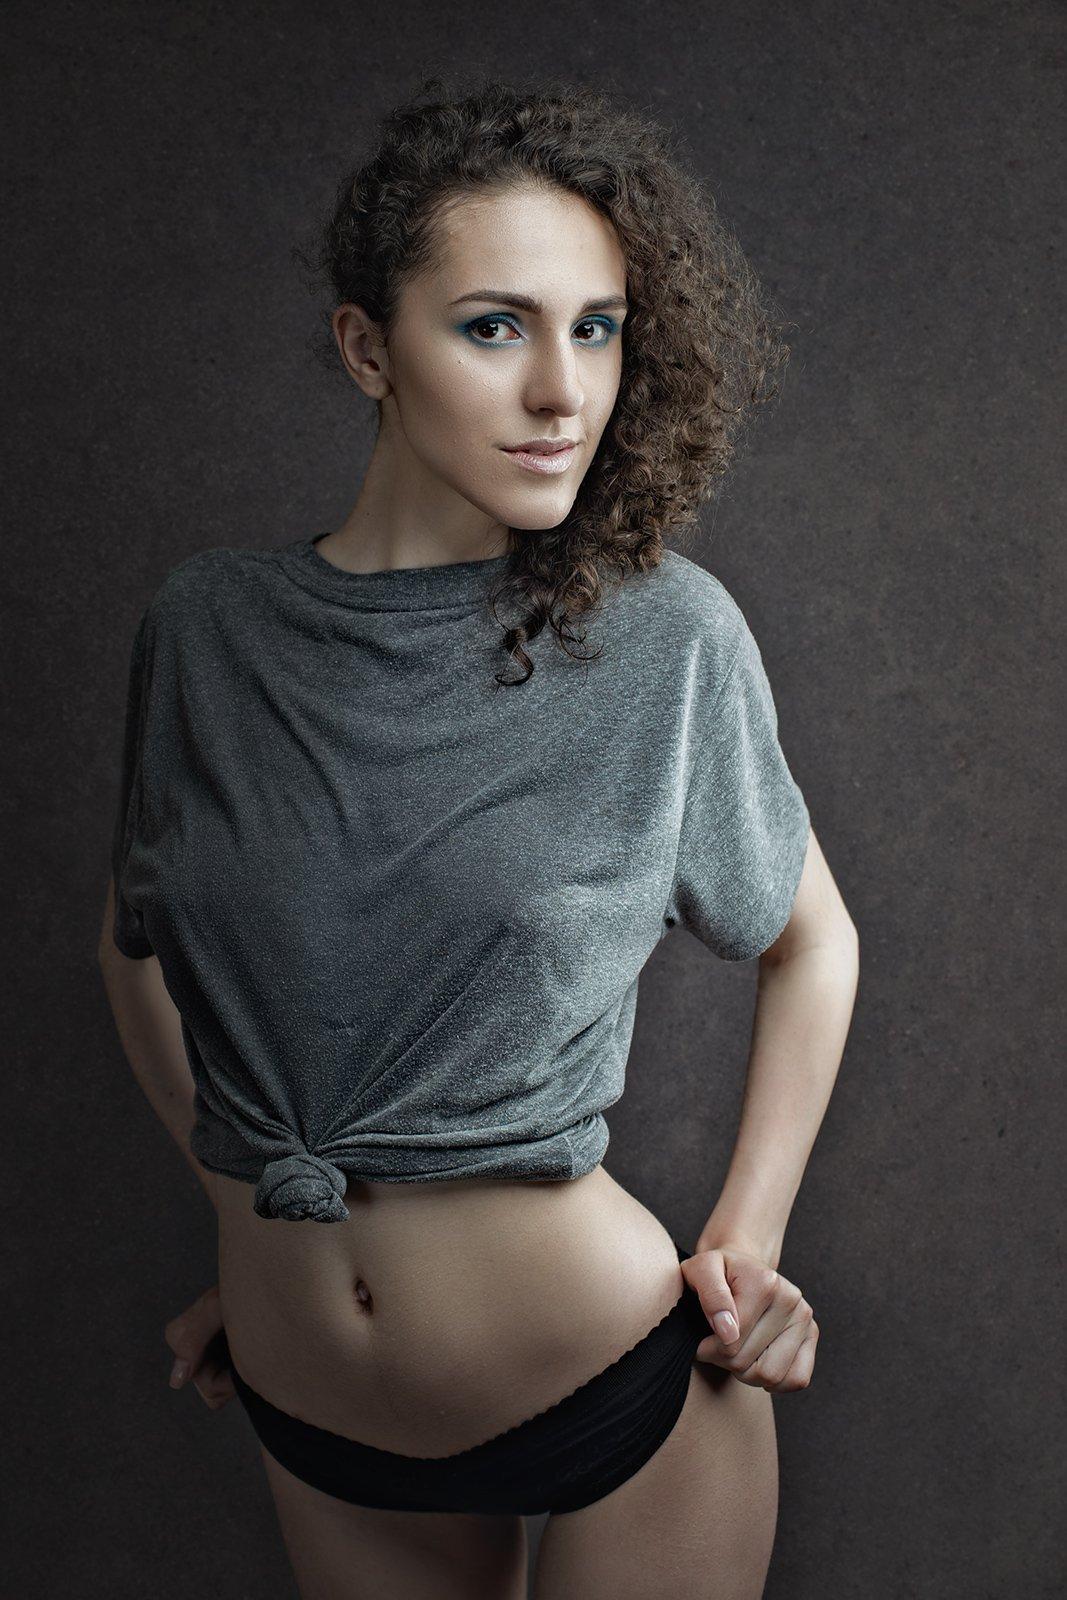 Sexy vagina poses